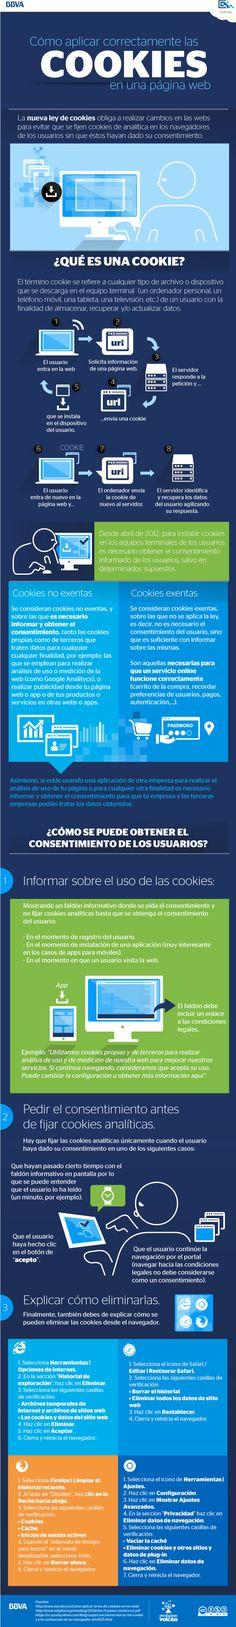 Cómo aplicar las cookies en una página web #infografia #infographic